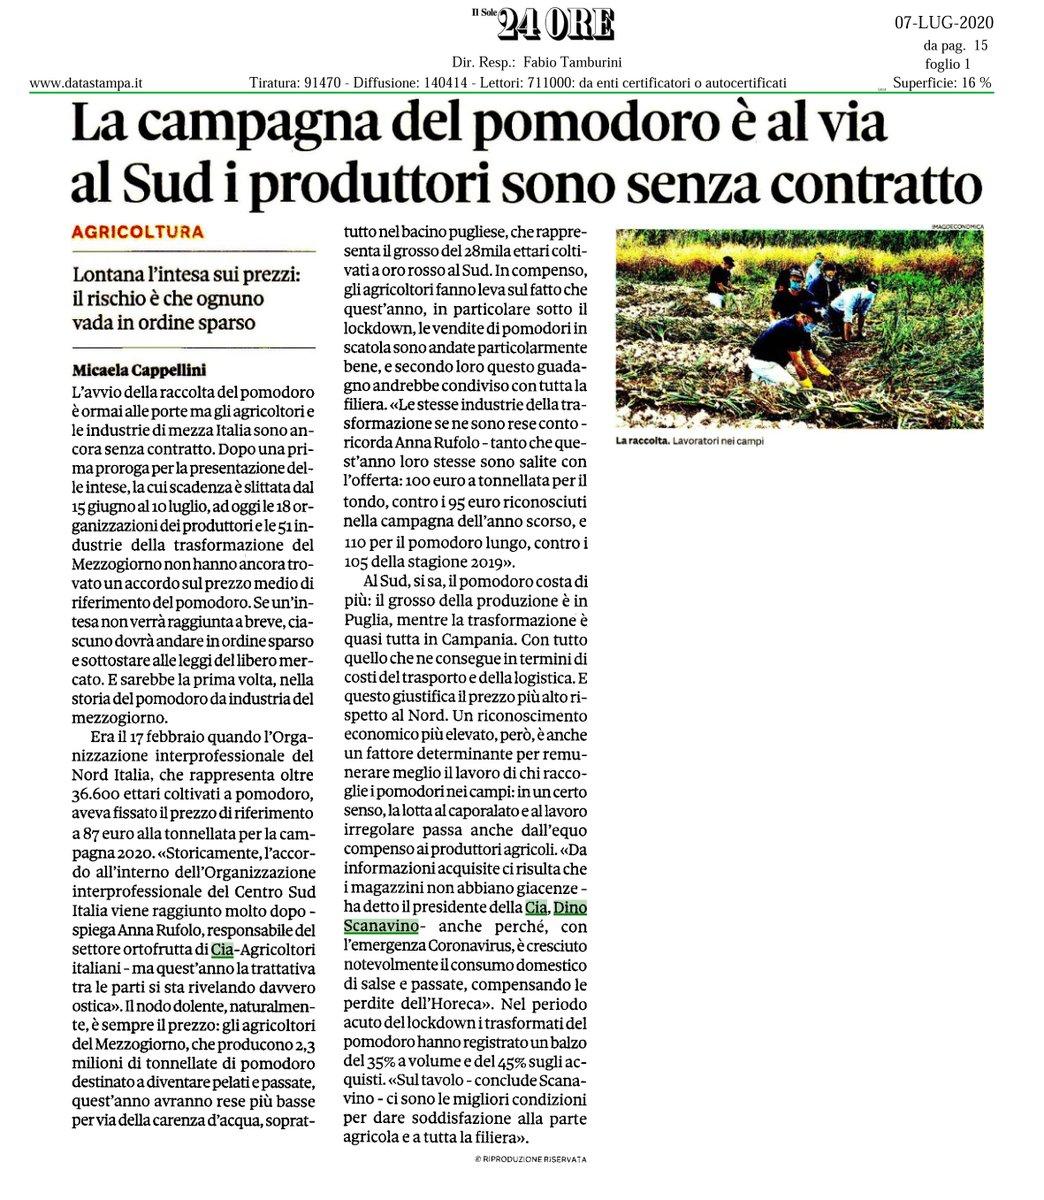 Sul @sole24ore  l'allarme #Cia sulla campagna 2020 del #pomodoro da industria al #CentroSud❗️ Il tempo è scaduto, arrivare subito a un accordo sul #prezzo a beneficio degli #agricoltori e di tutta la #filiera 👨🌾